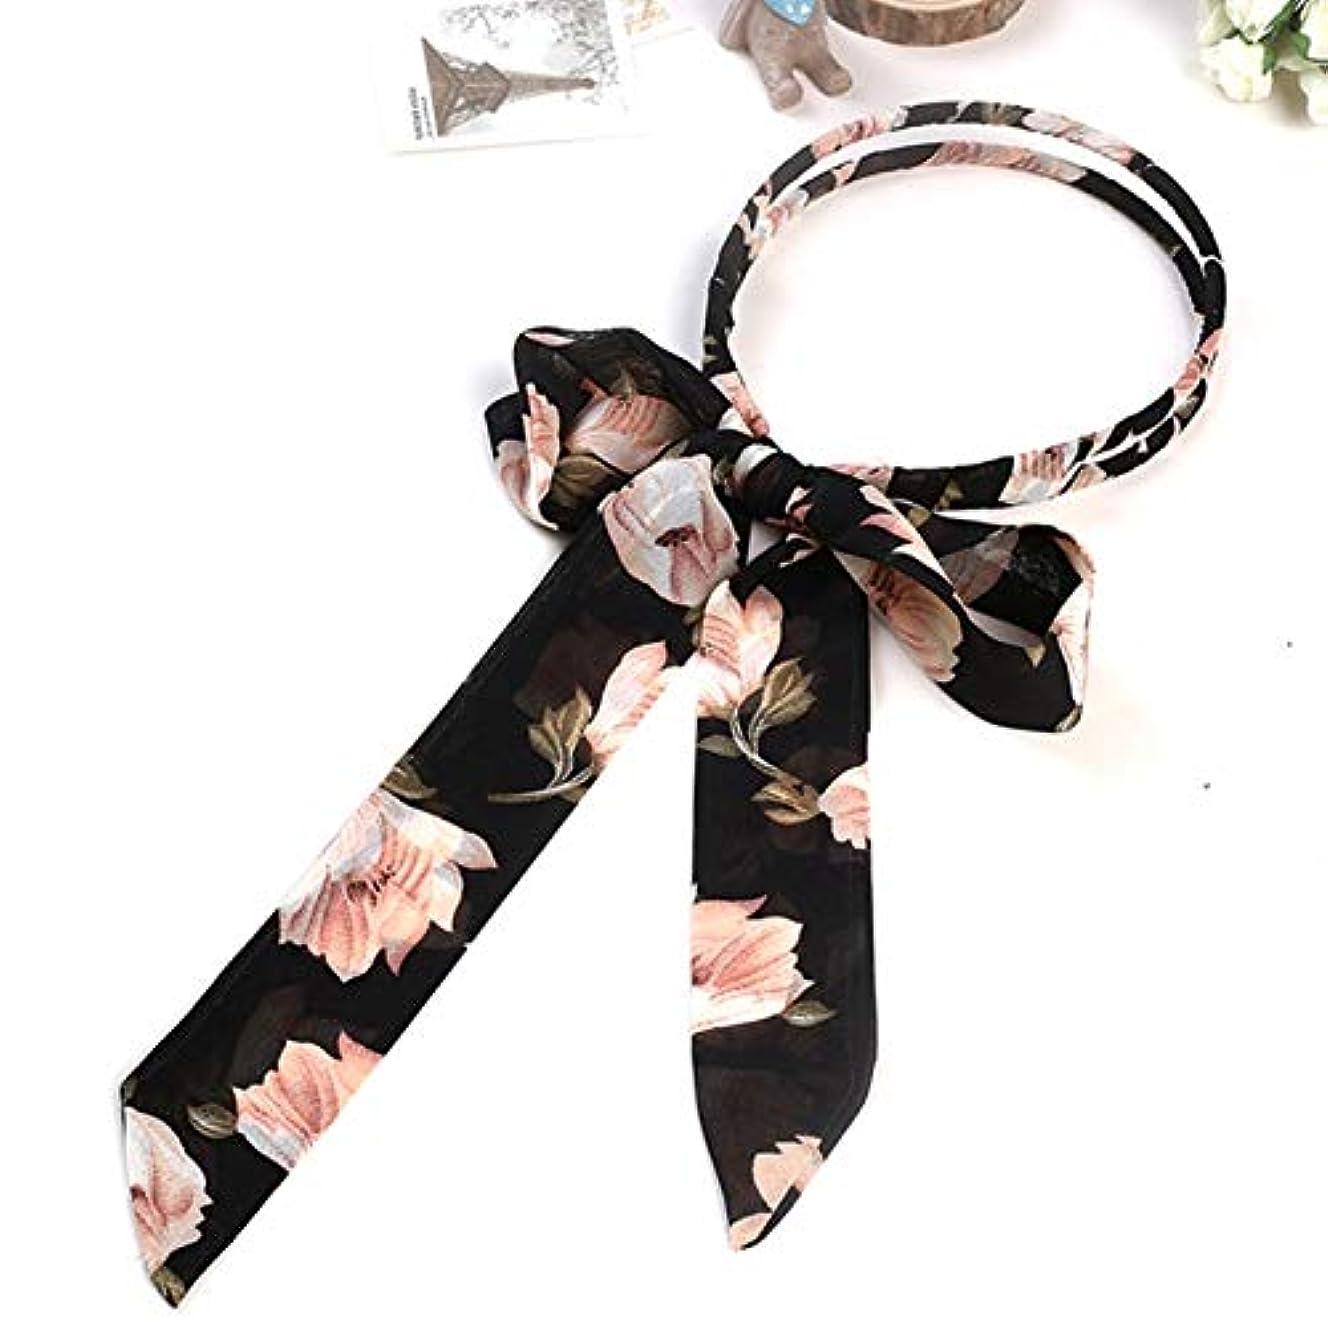 ミュウミュウ肯定的やむを得ないサリーの店 便利なデザイン韓国女性スウィート女の子ボウヘアヘッドバンド編み花弓の結び目リボン毛フープ(None 5)